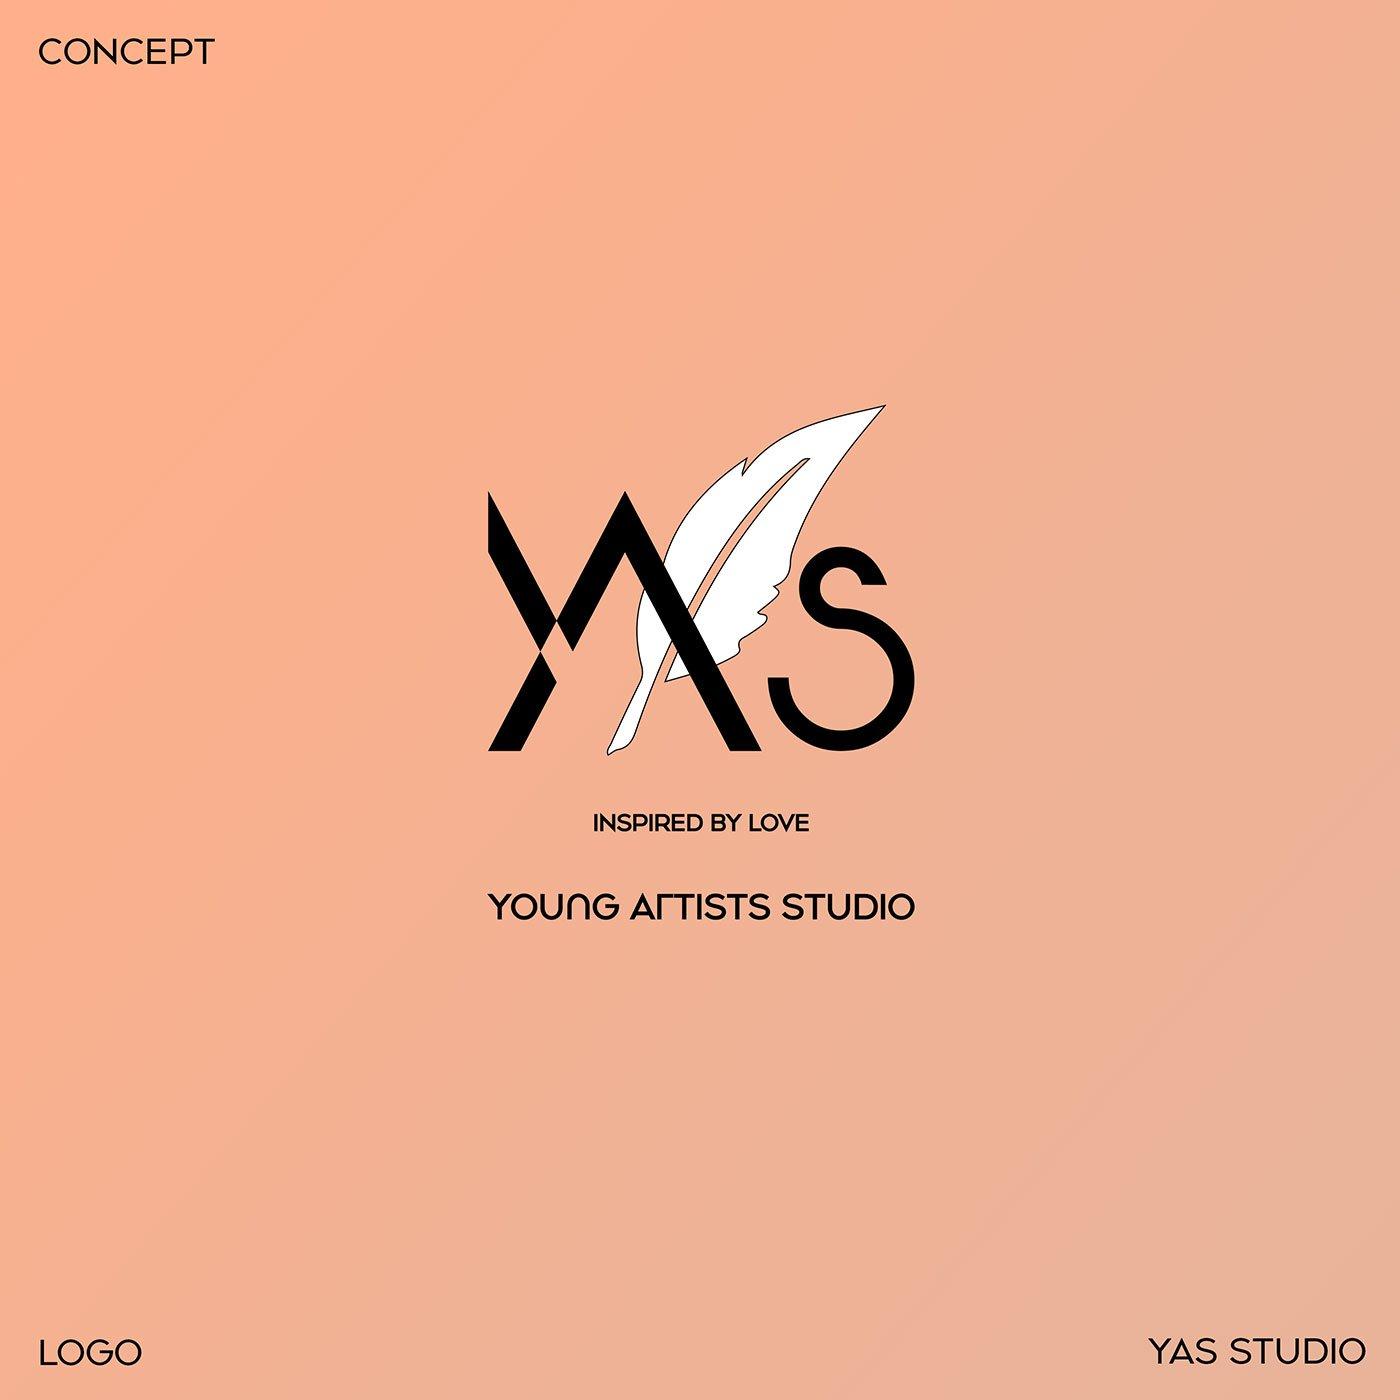 thiết kế logo YAS Young Artists Studio-quảng-bá-thương-hiệu-thiết-kế-branding-cho-thương-hiệu YAS-xây-dựng-logo-doanh-nghiệp-thiết-kế-ấn-phẩm-quảng-cáo-thương-hiệu-thiết-kế-Helixgram